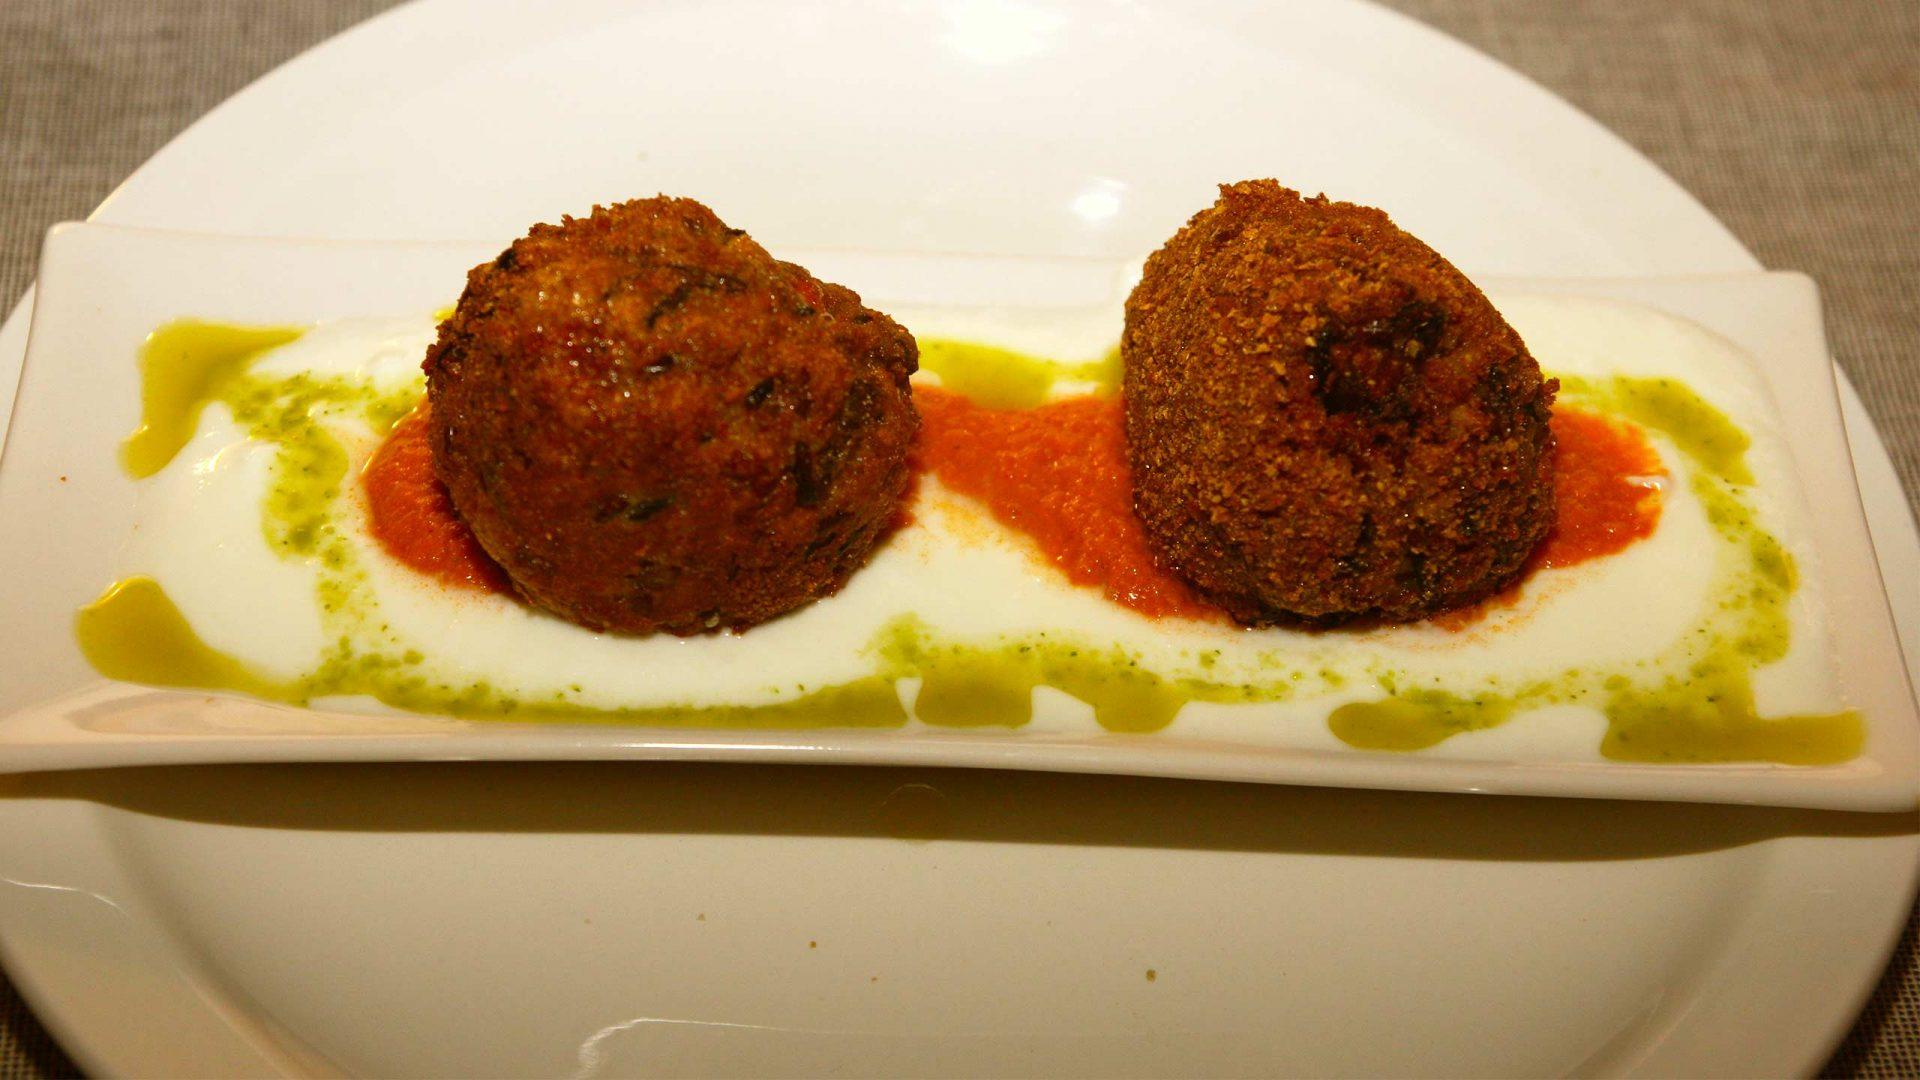 כדורי ריזוטו ממולאים בחלומי שקדים וצימוקים על קונפי עגבניות צלויות ויוגורט